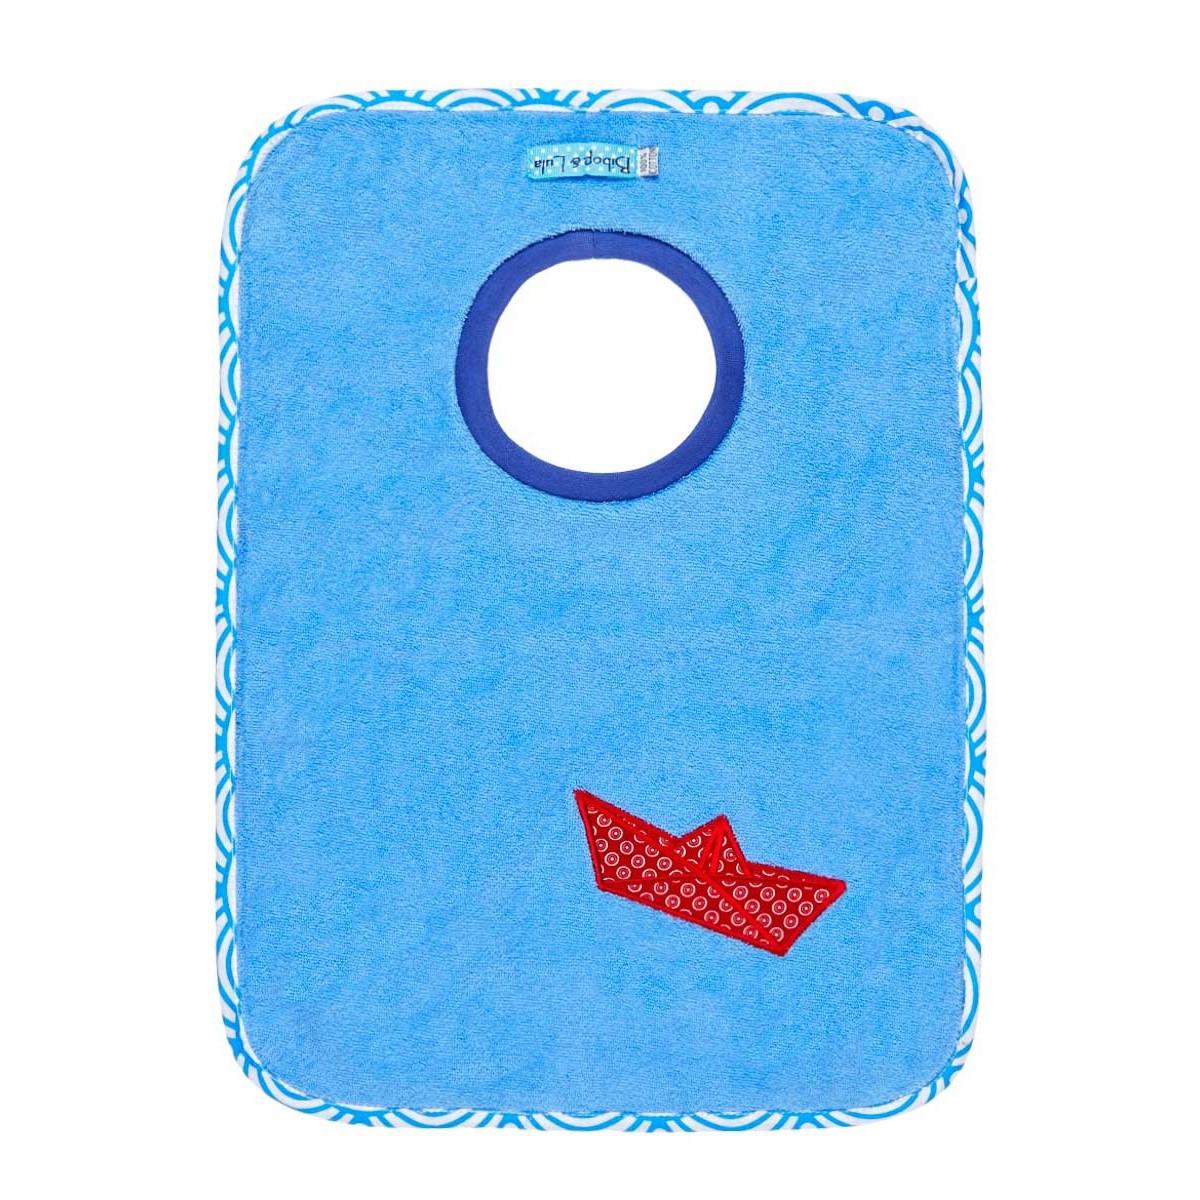 Bavoir élastique bateau bleu